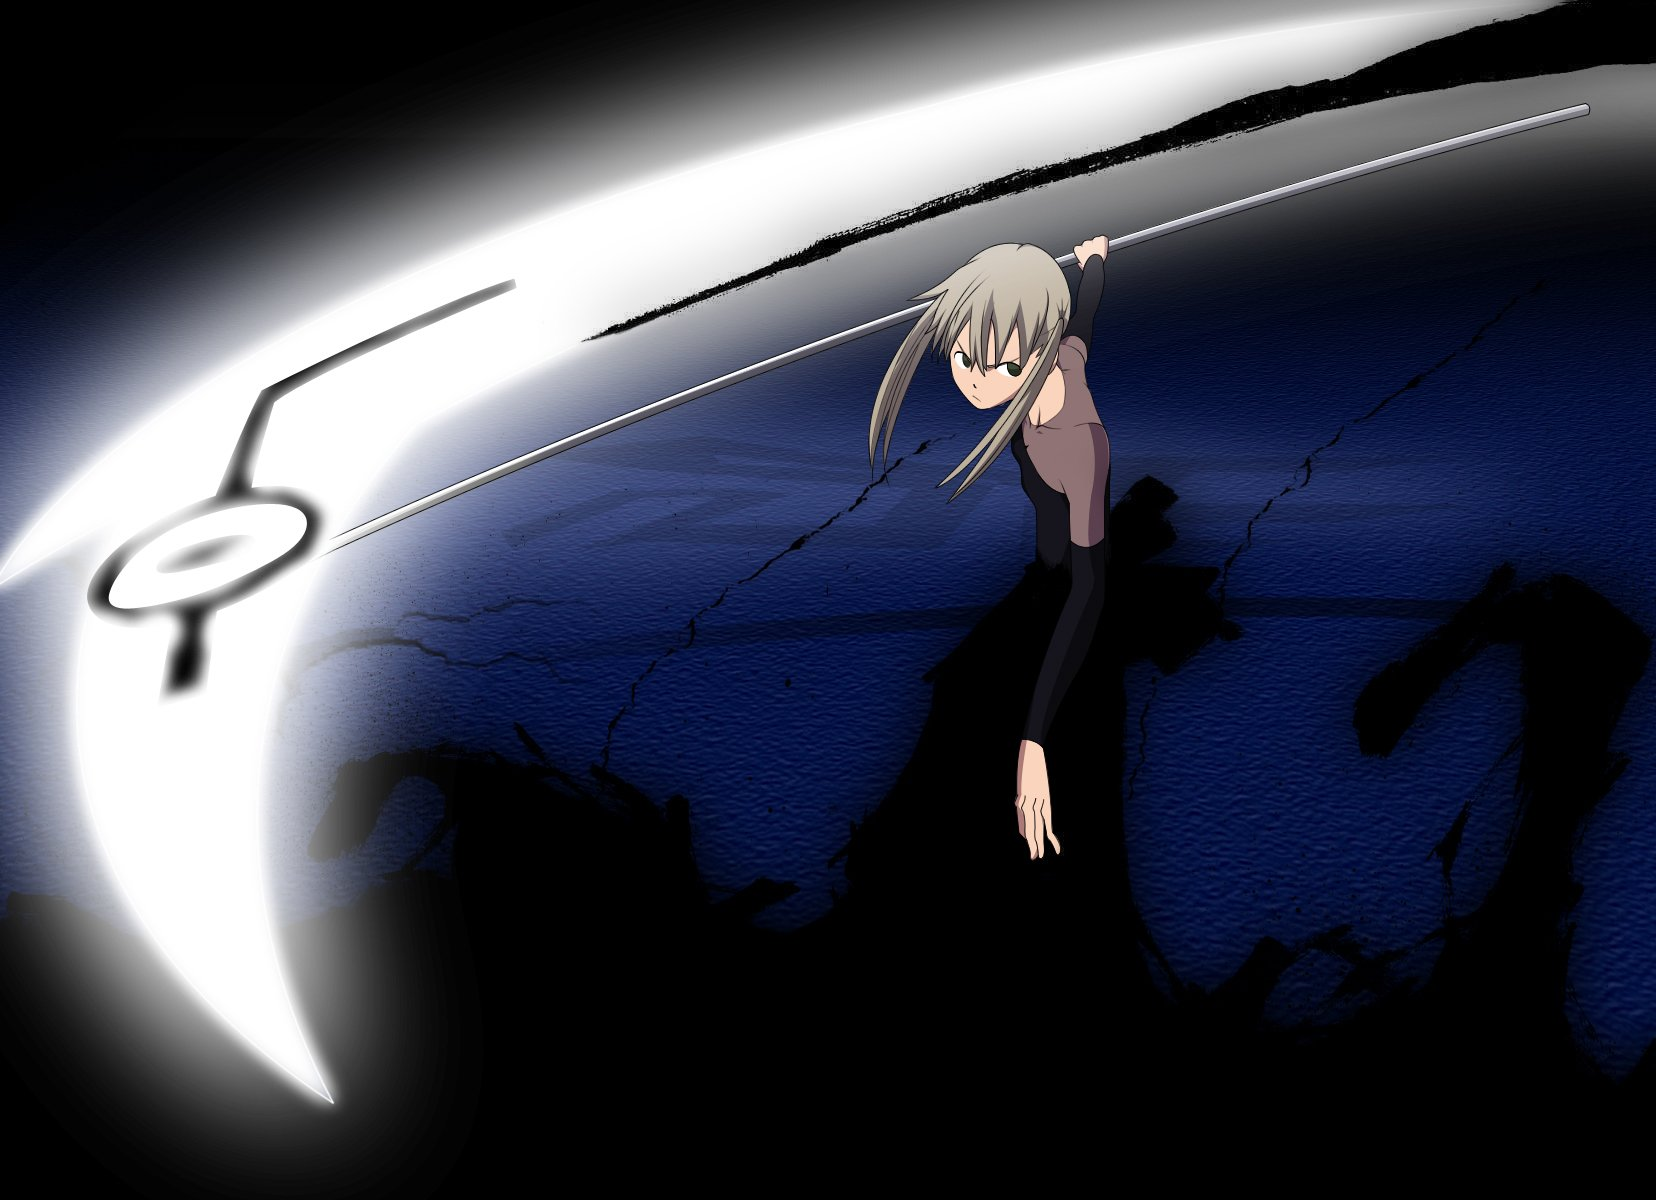 Soul eater maka albarn wallpaper and background image - Anime scythe wallpaper ...